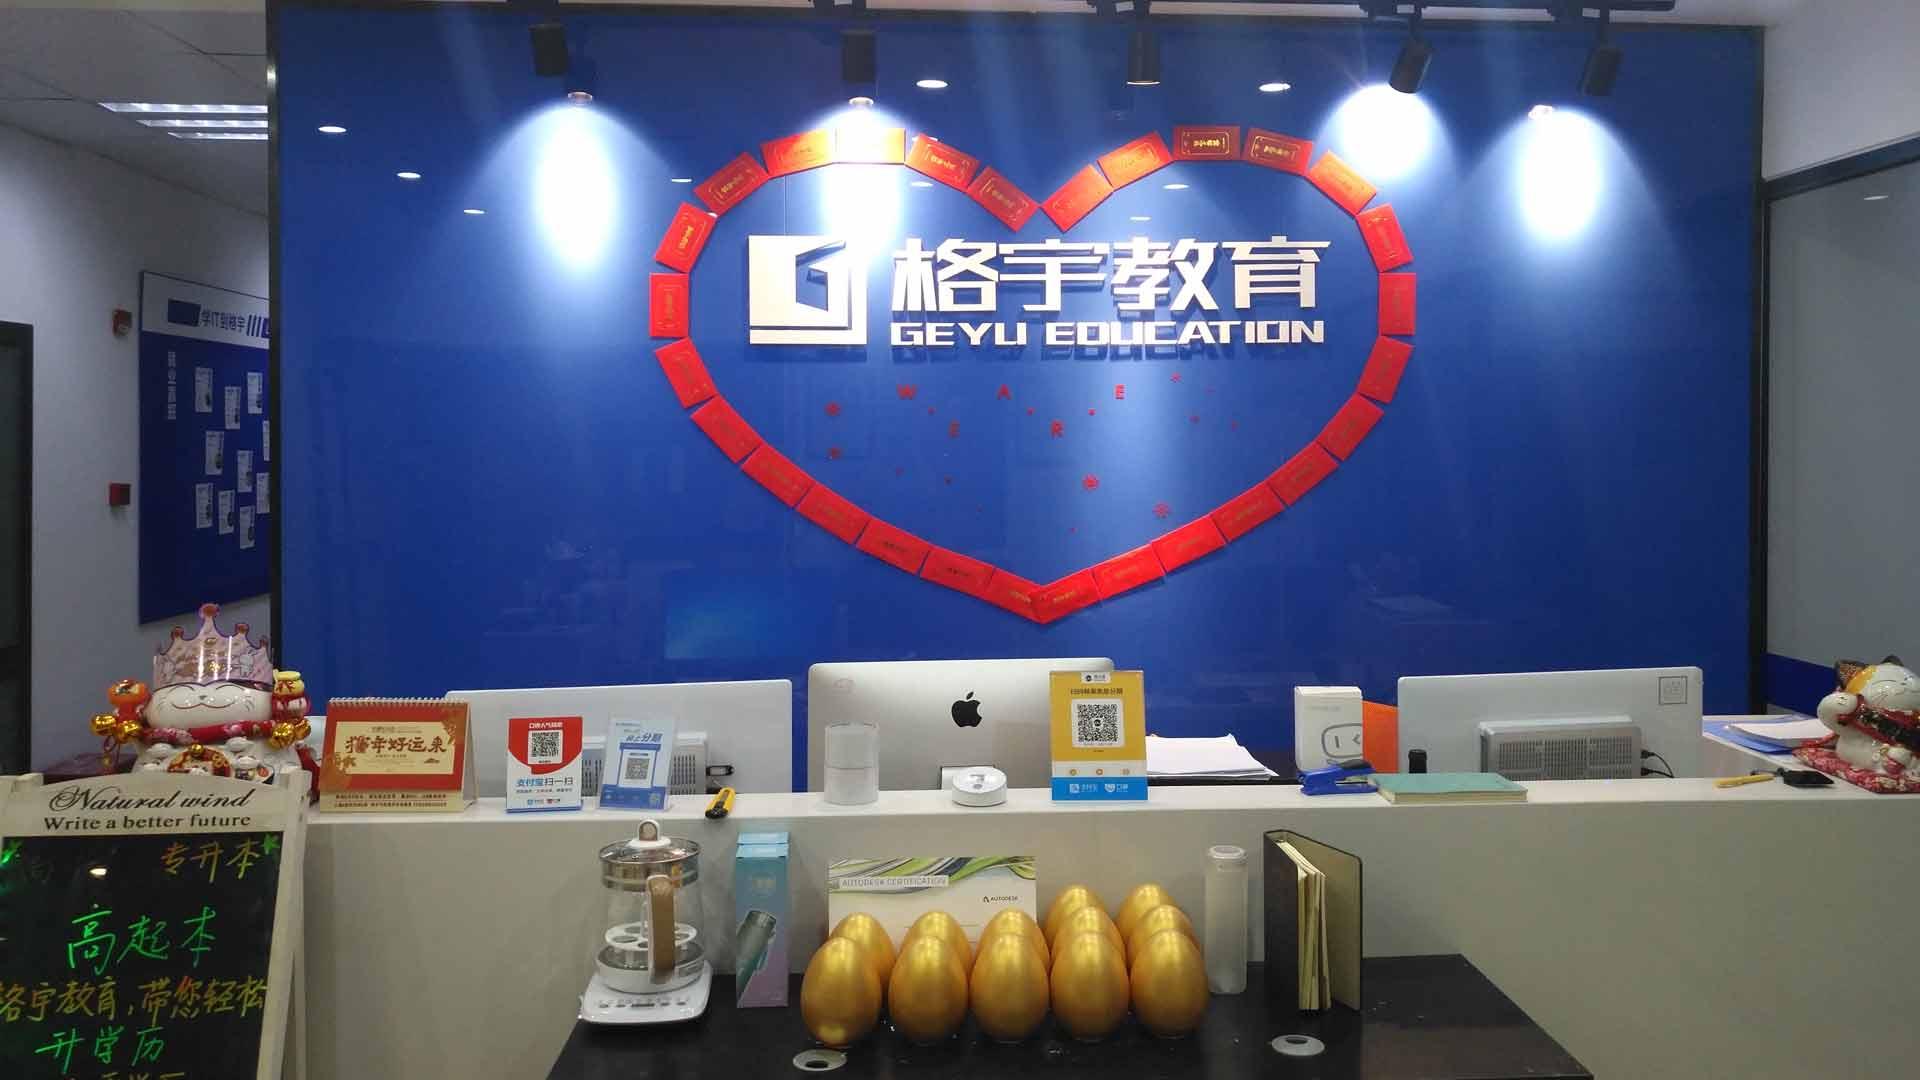 上海ui设计培训班收费